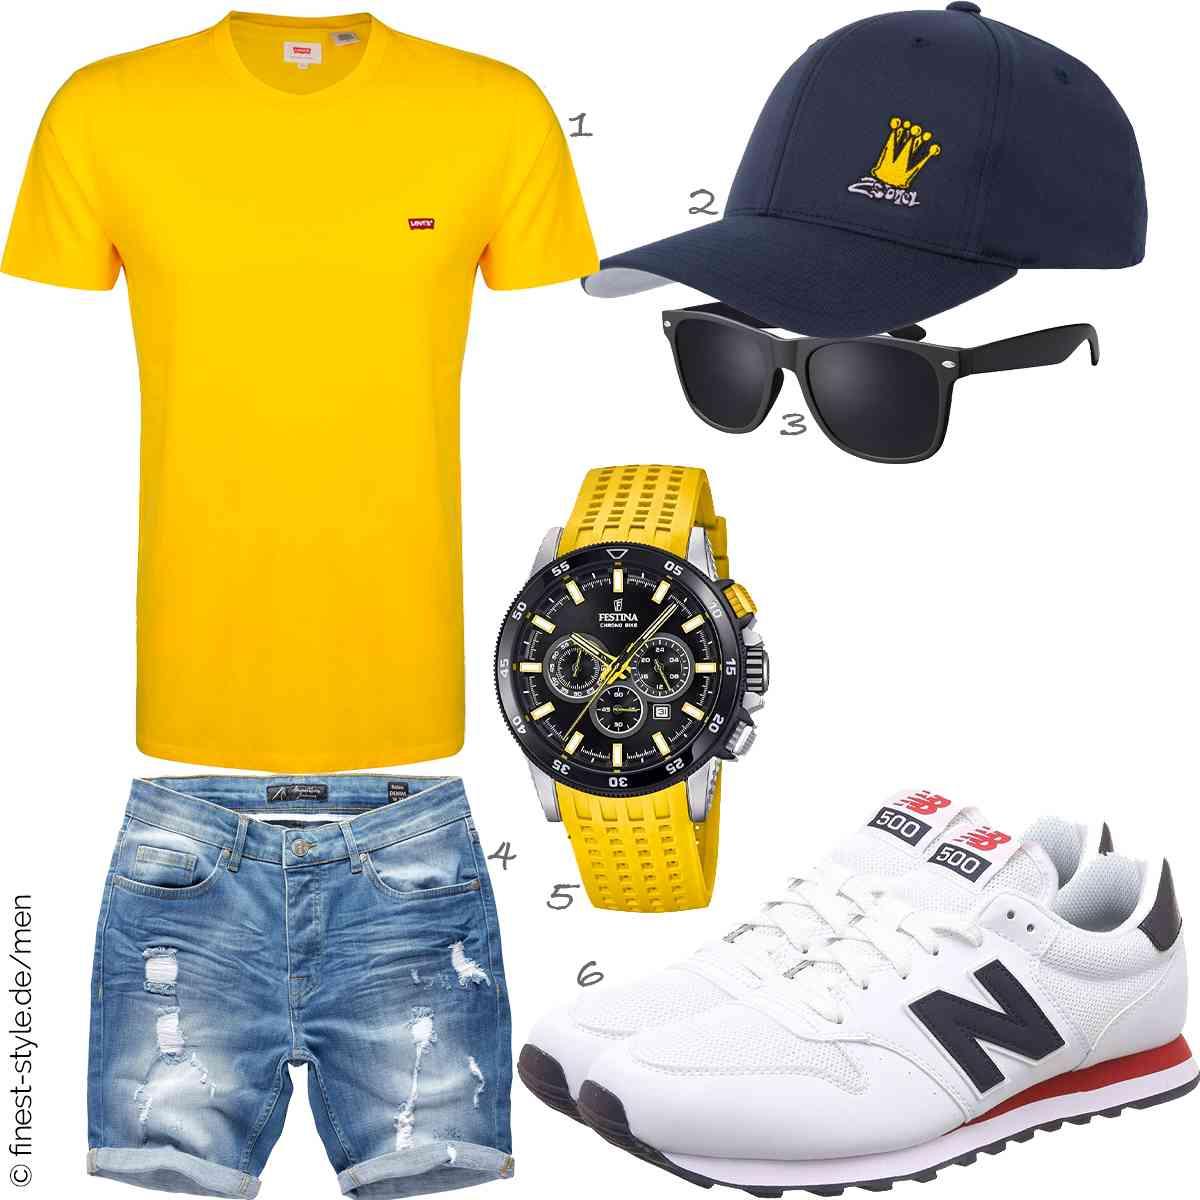 Top Herren-Outfit im Finest-Trend-Style für ein selbstbewusstes Modegefühl mit tollen Produkten von Levis ,2Stoned,La Optica B.L.M.,Amaci&Sons,Festina,New Balance